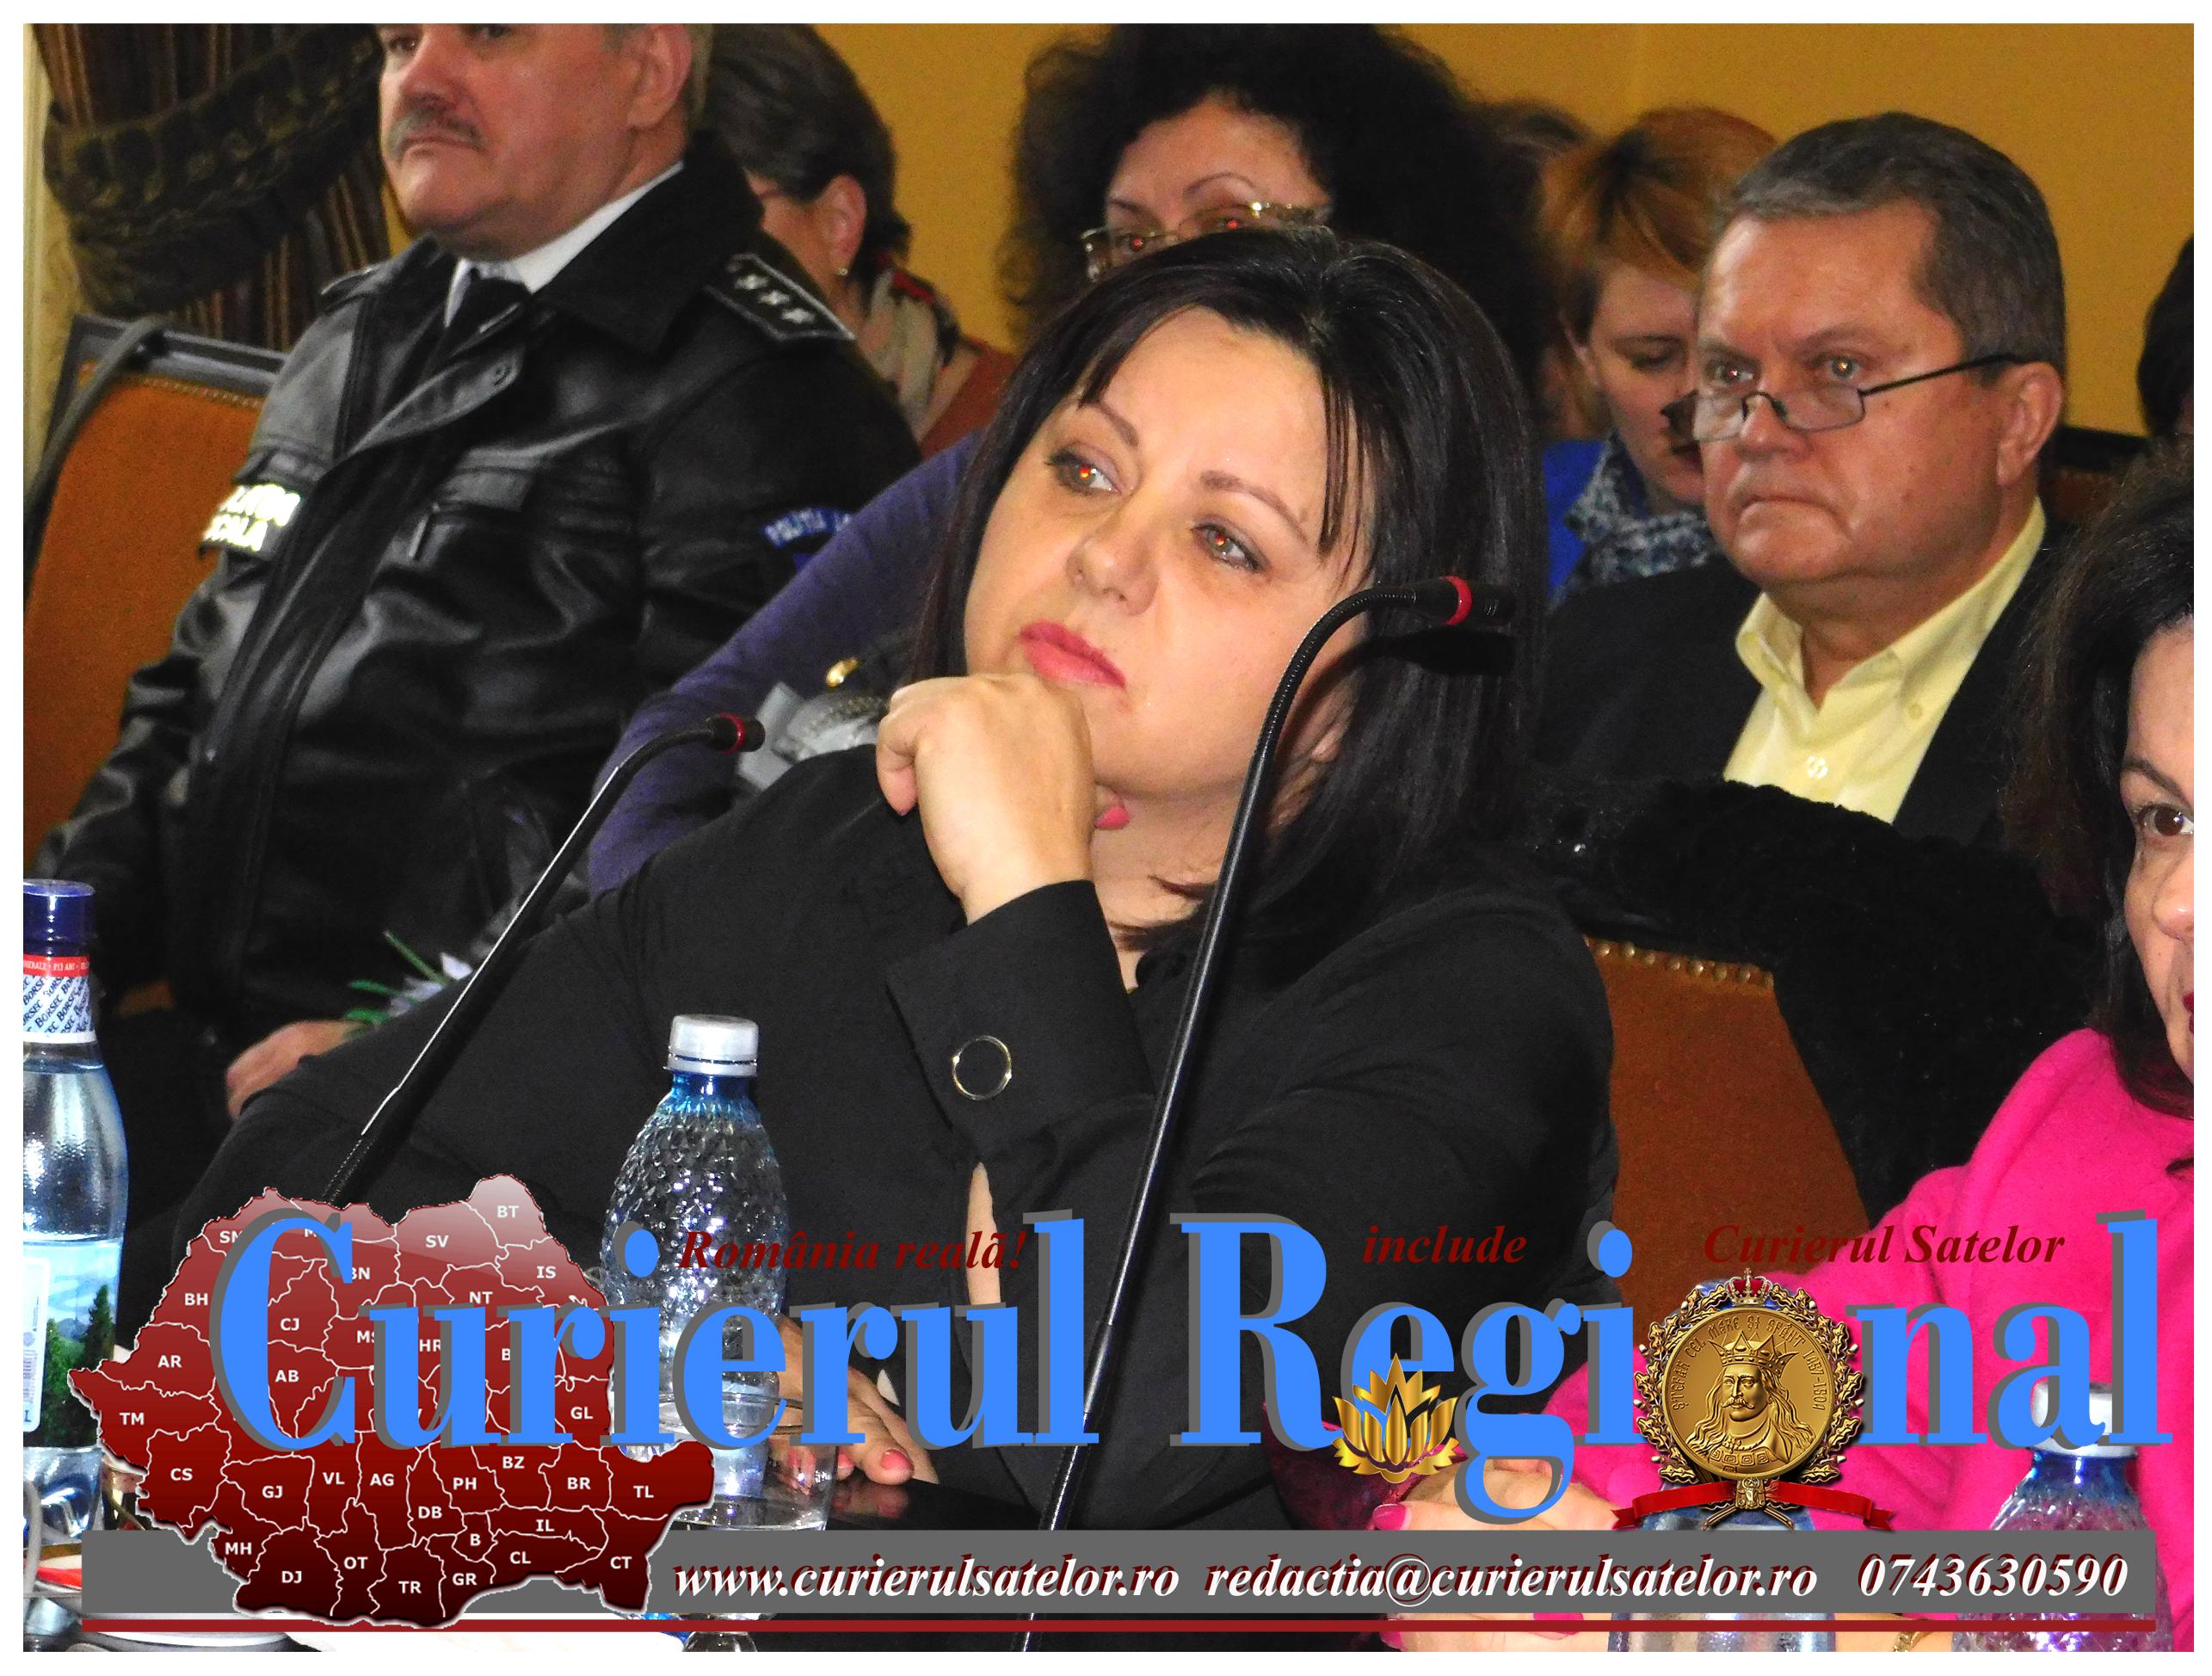 VIDEO 7 parlamentari PSD, 8 ani de guvernare, zero investiții în municipiul Botoșani 30